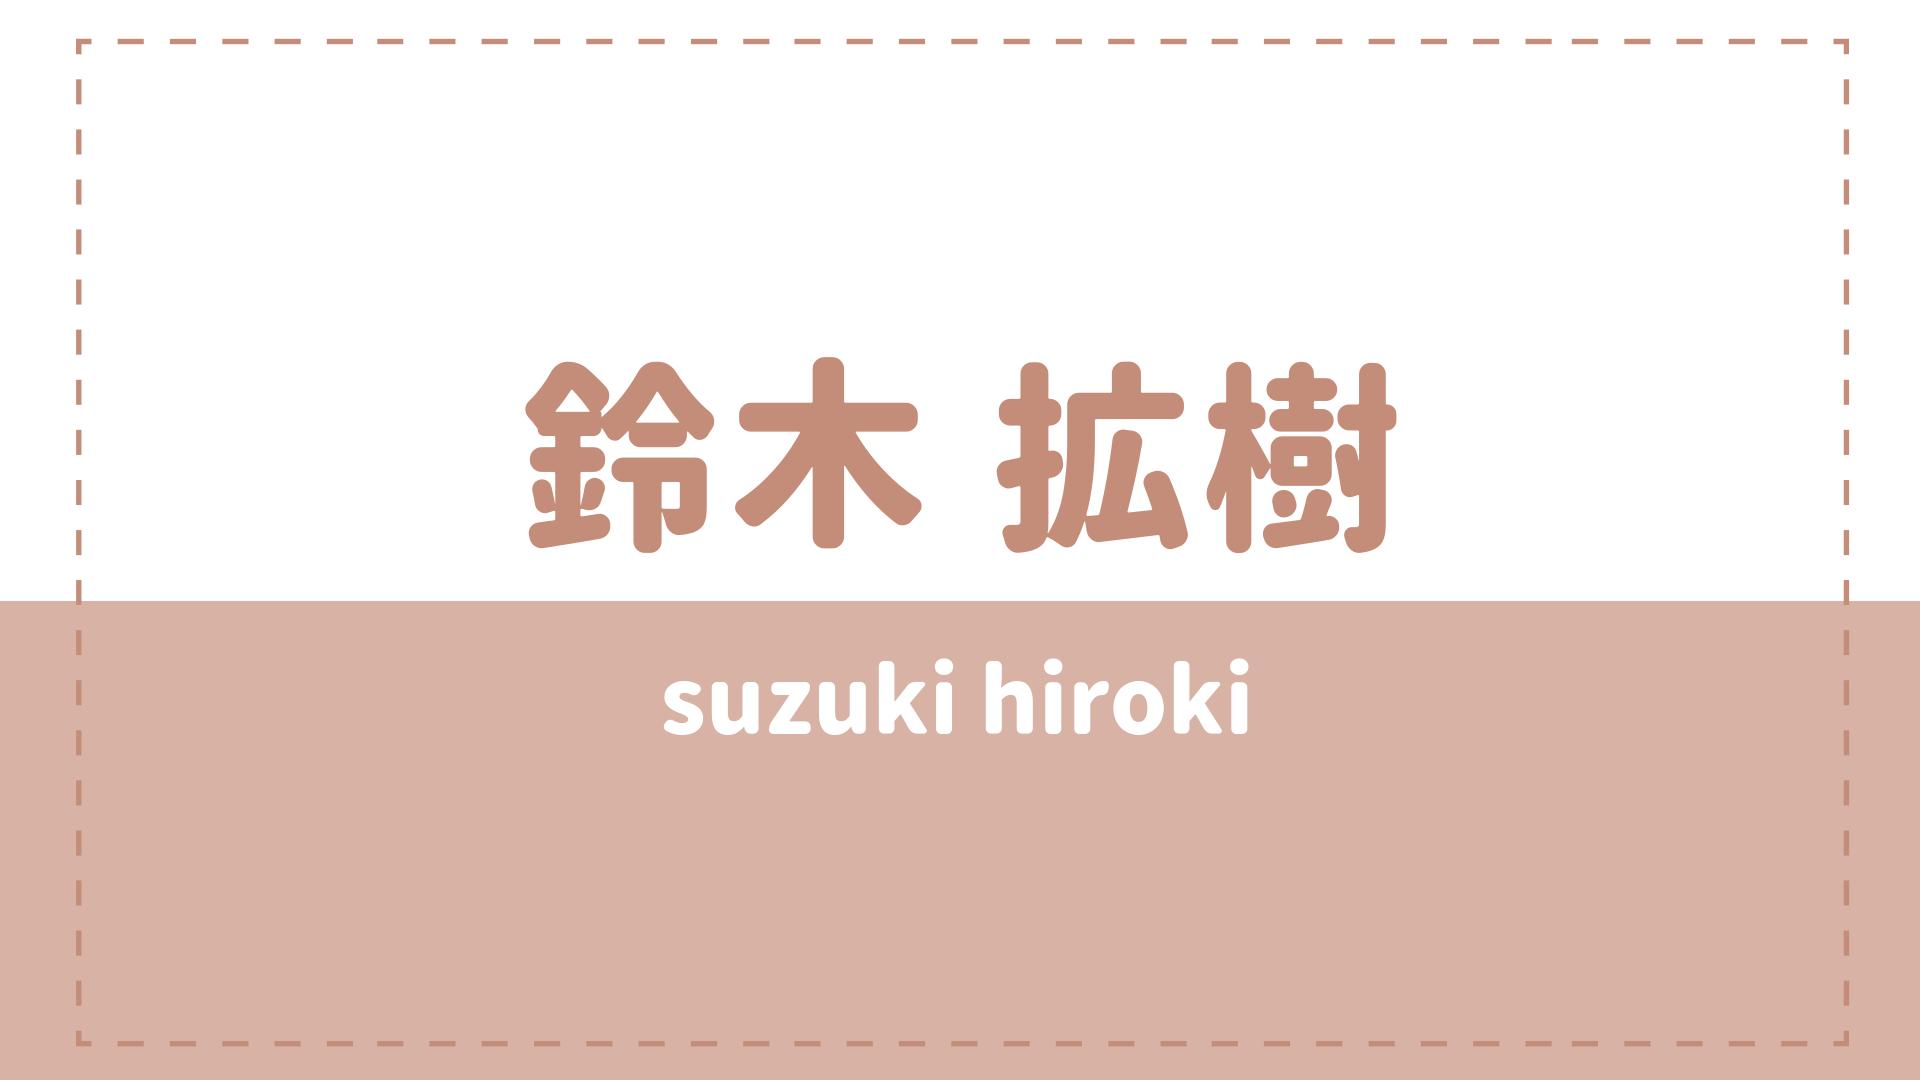 鈴木拡樹の高校や結婚(彼女)は?あだ名や好きなタイプについて